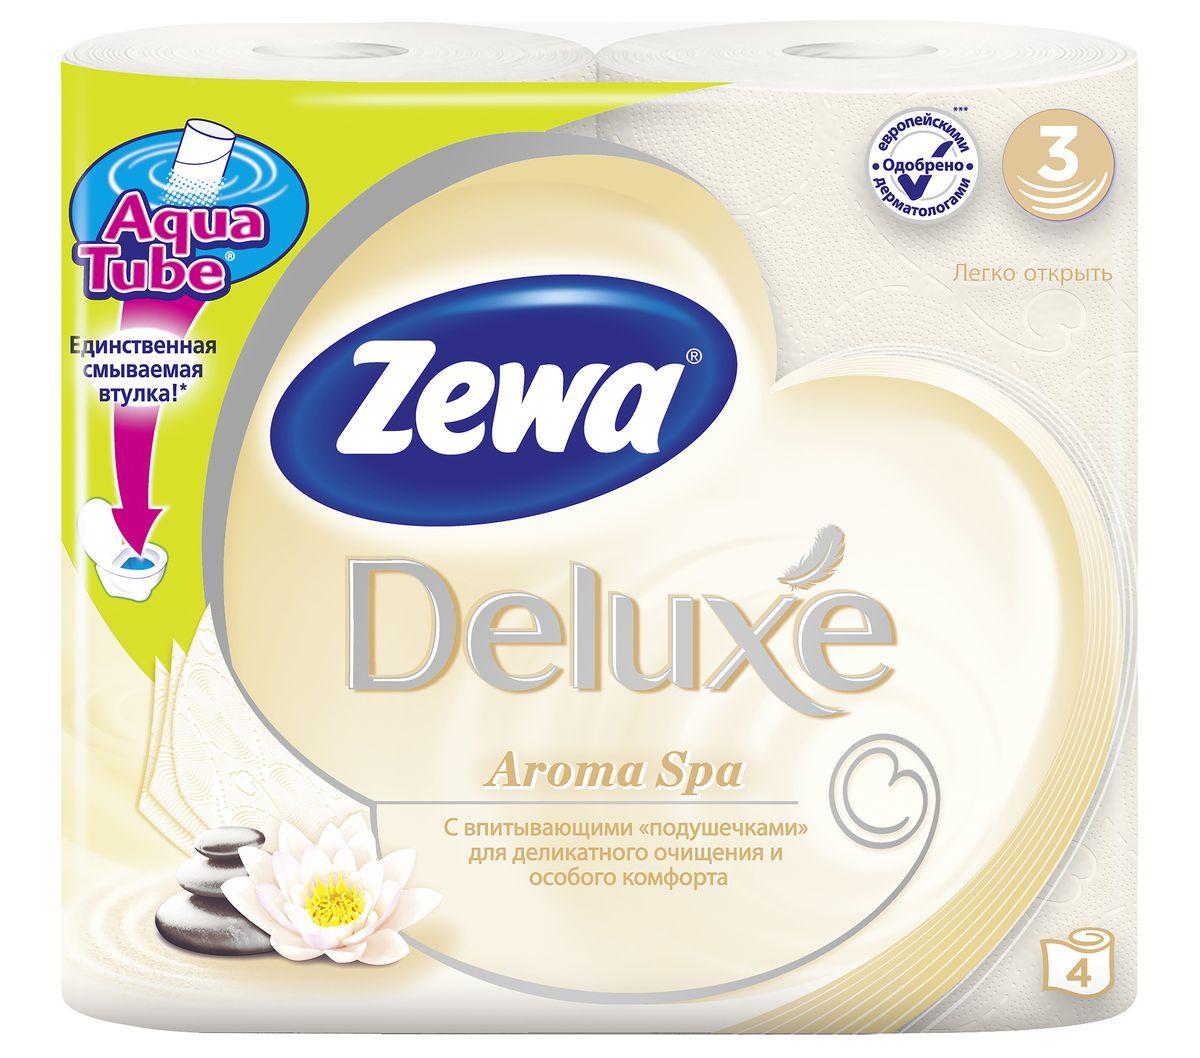 Туалетная бумага Zewa Deluxe АромаСпа, 3 слоя, 4 рулона790009Подарите себе удовольствие от ежедневного ухода за собой. Zewa Deluxe сновыми впитывающими подушечками деликатно очищает и нежно заботится о вашей коже.Мягкость, Забота, Комфорт – вашей коже это понравится!Сенсация! Со смываемой втулкой Aqua Tube!3-х слойная туалетная бумага цвета шампань с тонким ароматом ароматического масла4 рулона в упаковкеСостав: вторичное волокноПроизводство: Россия